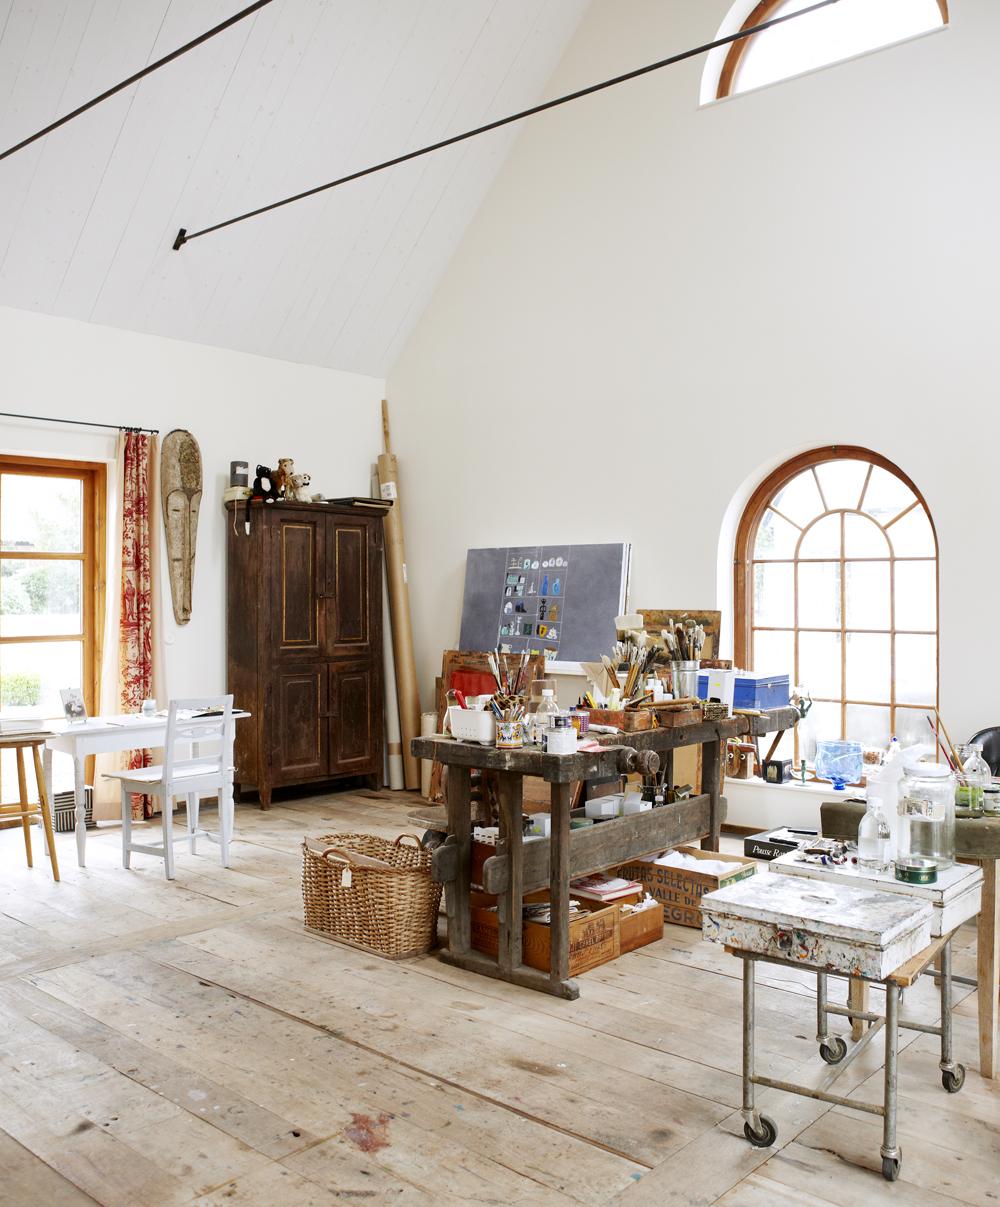 Madeleine Pyk's studio home studio